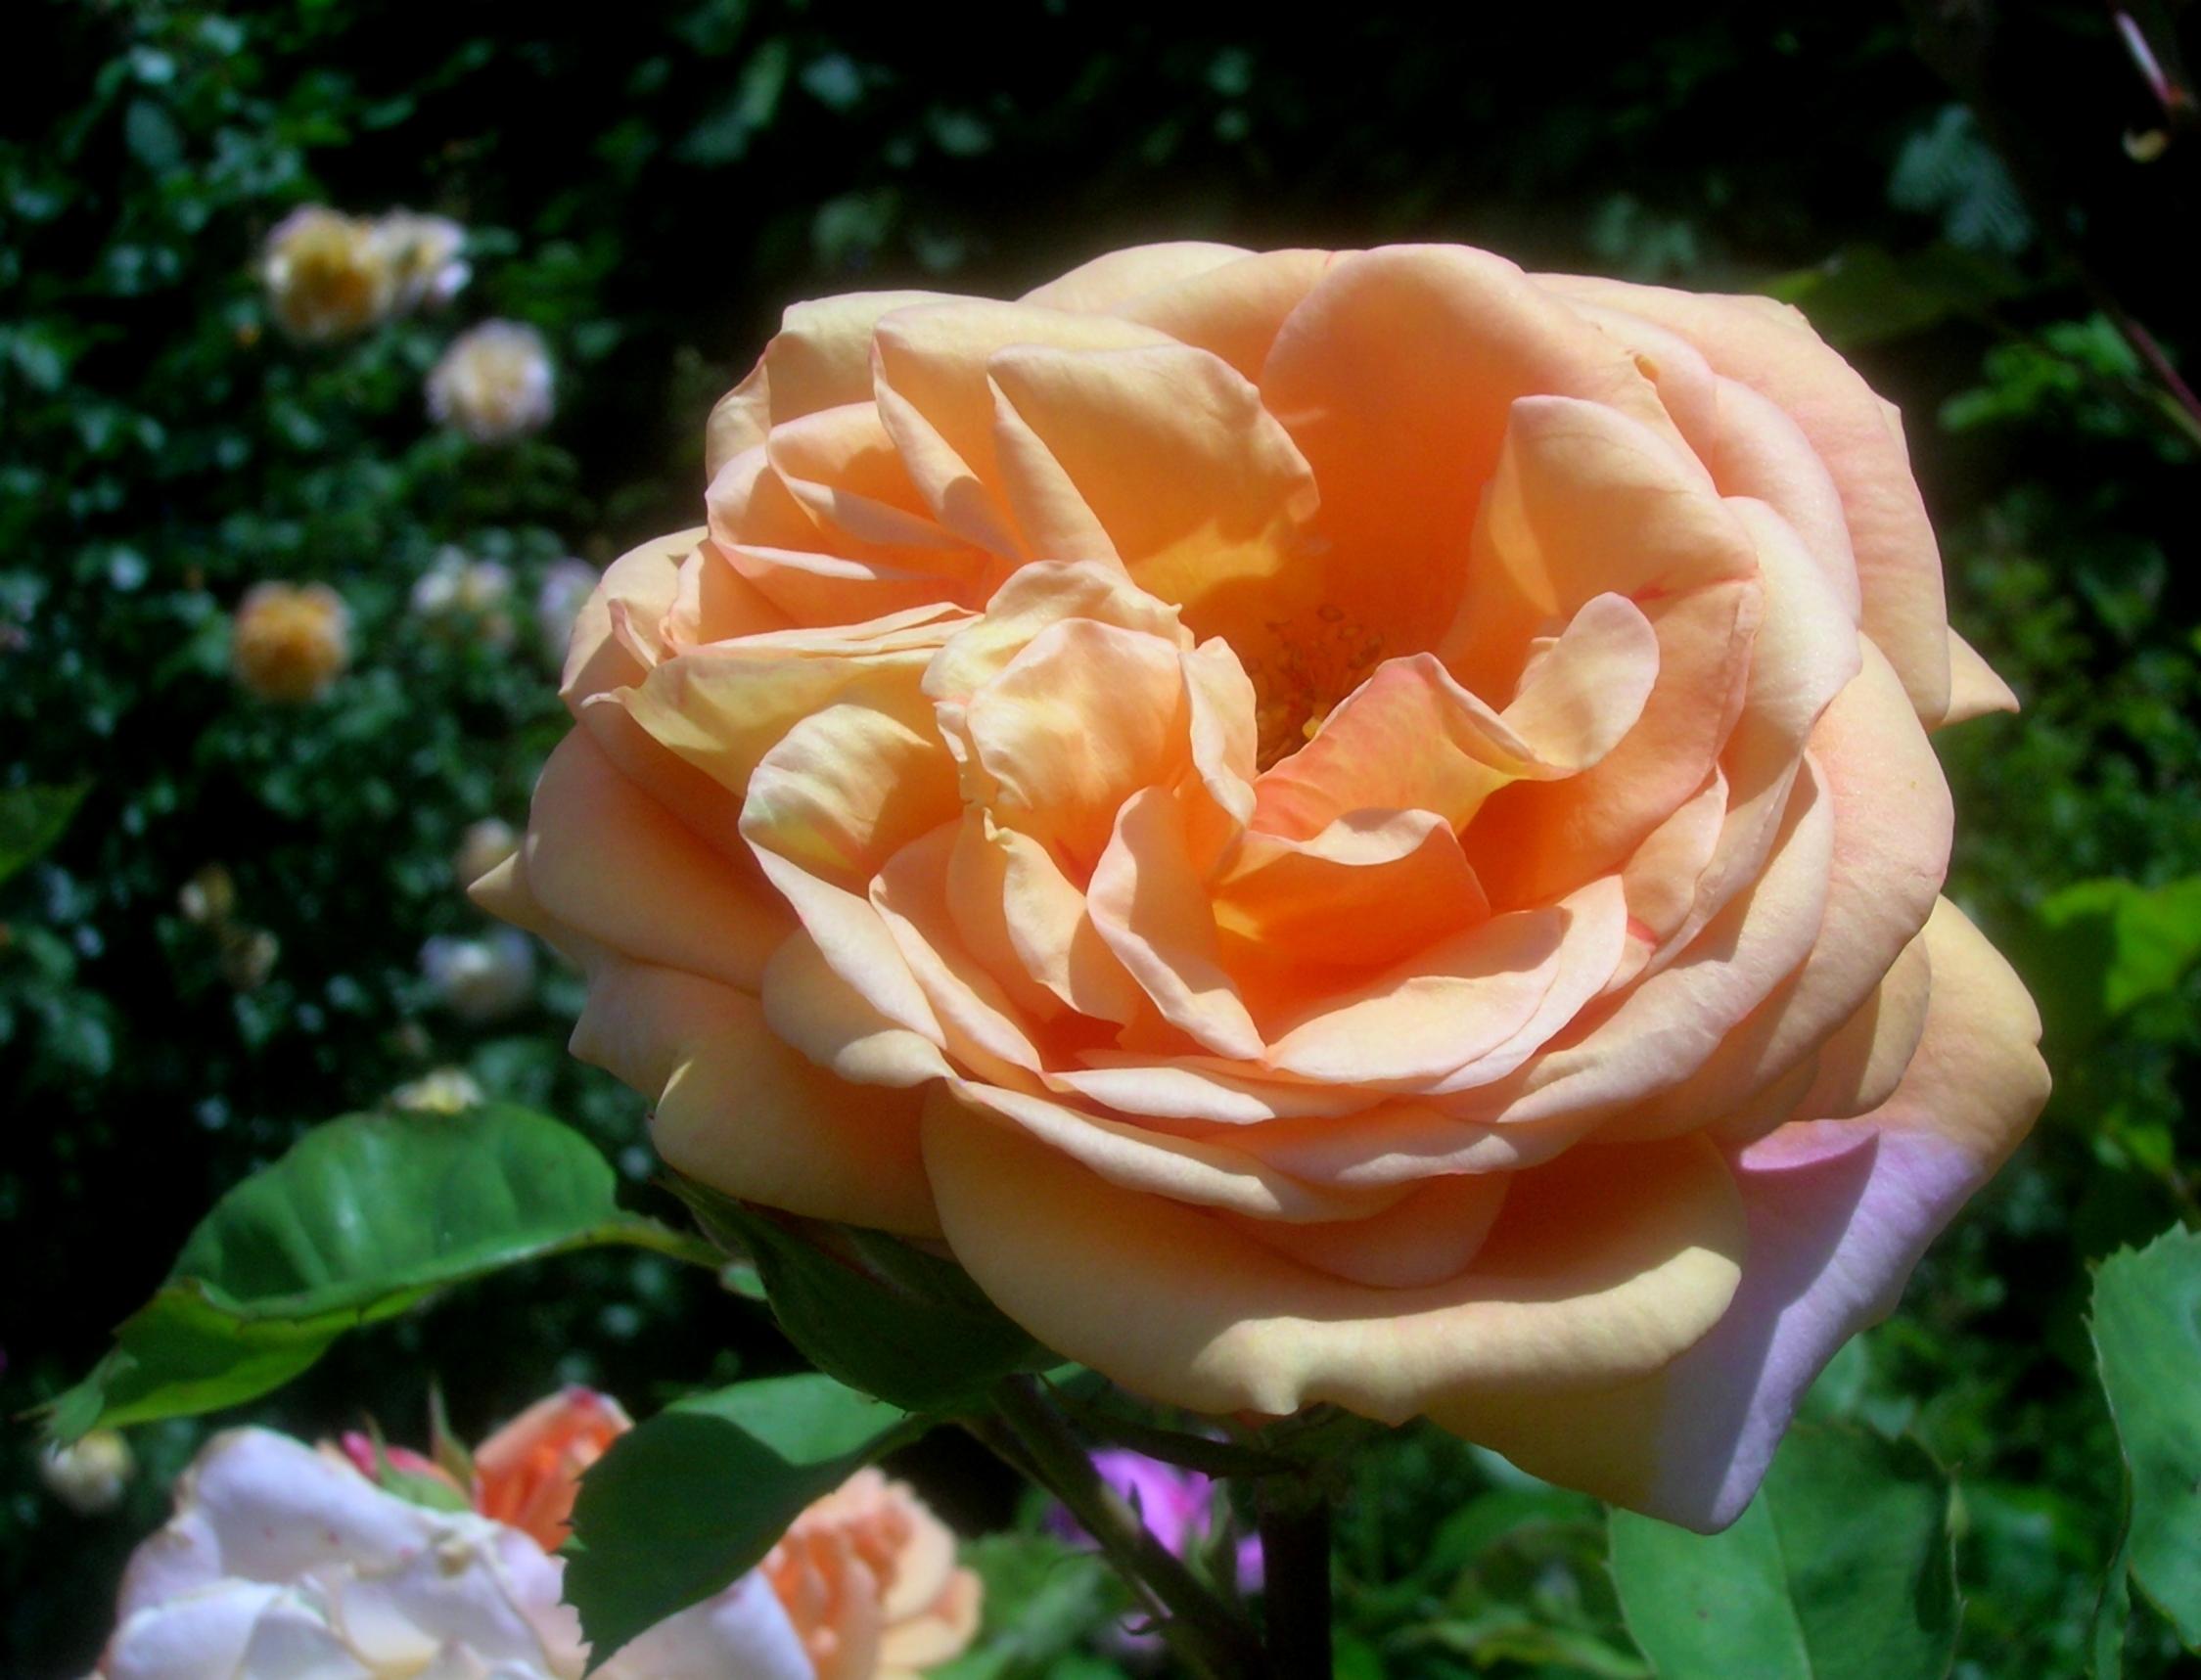 charles austin rose bush best flowers and rose 2018. Black Bedroom Furniture Sets. Home Design Ideas